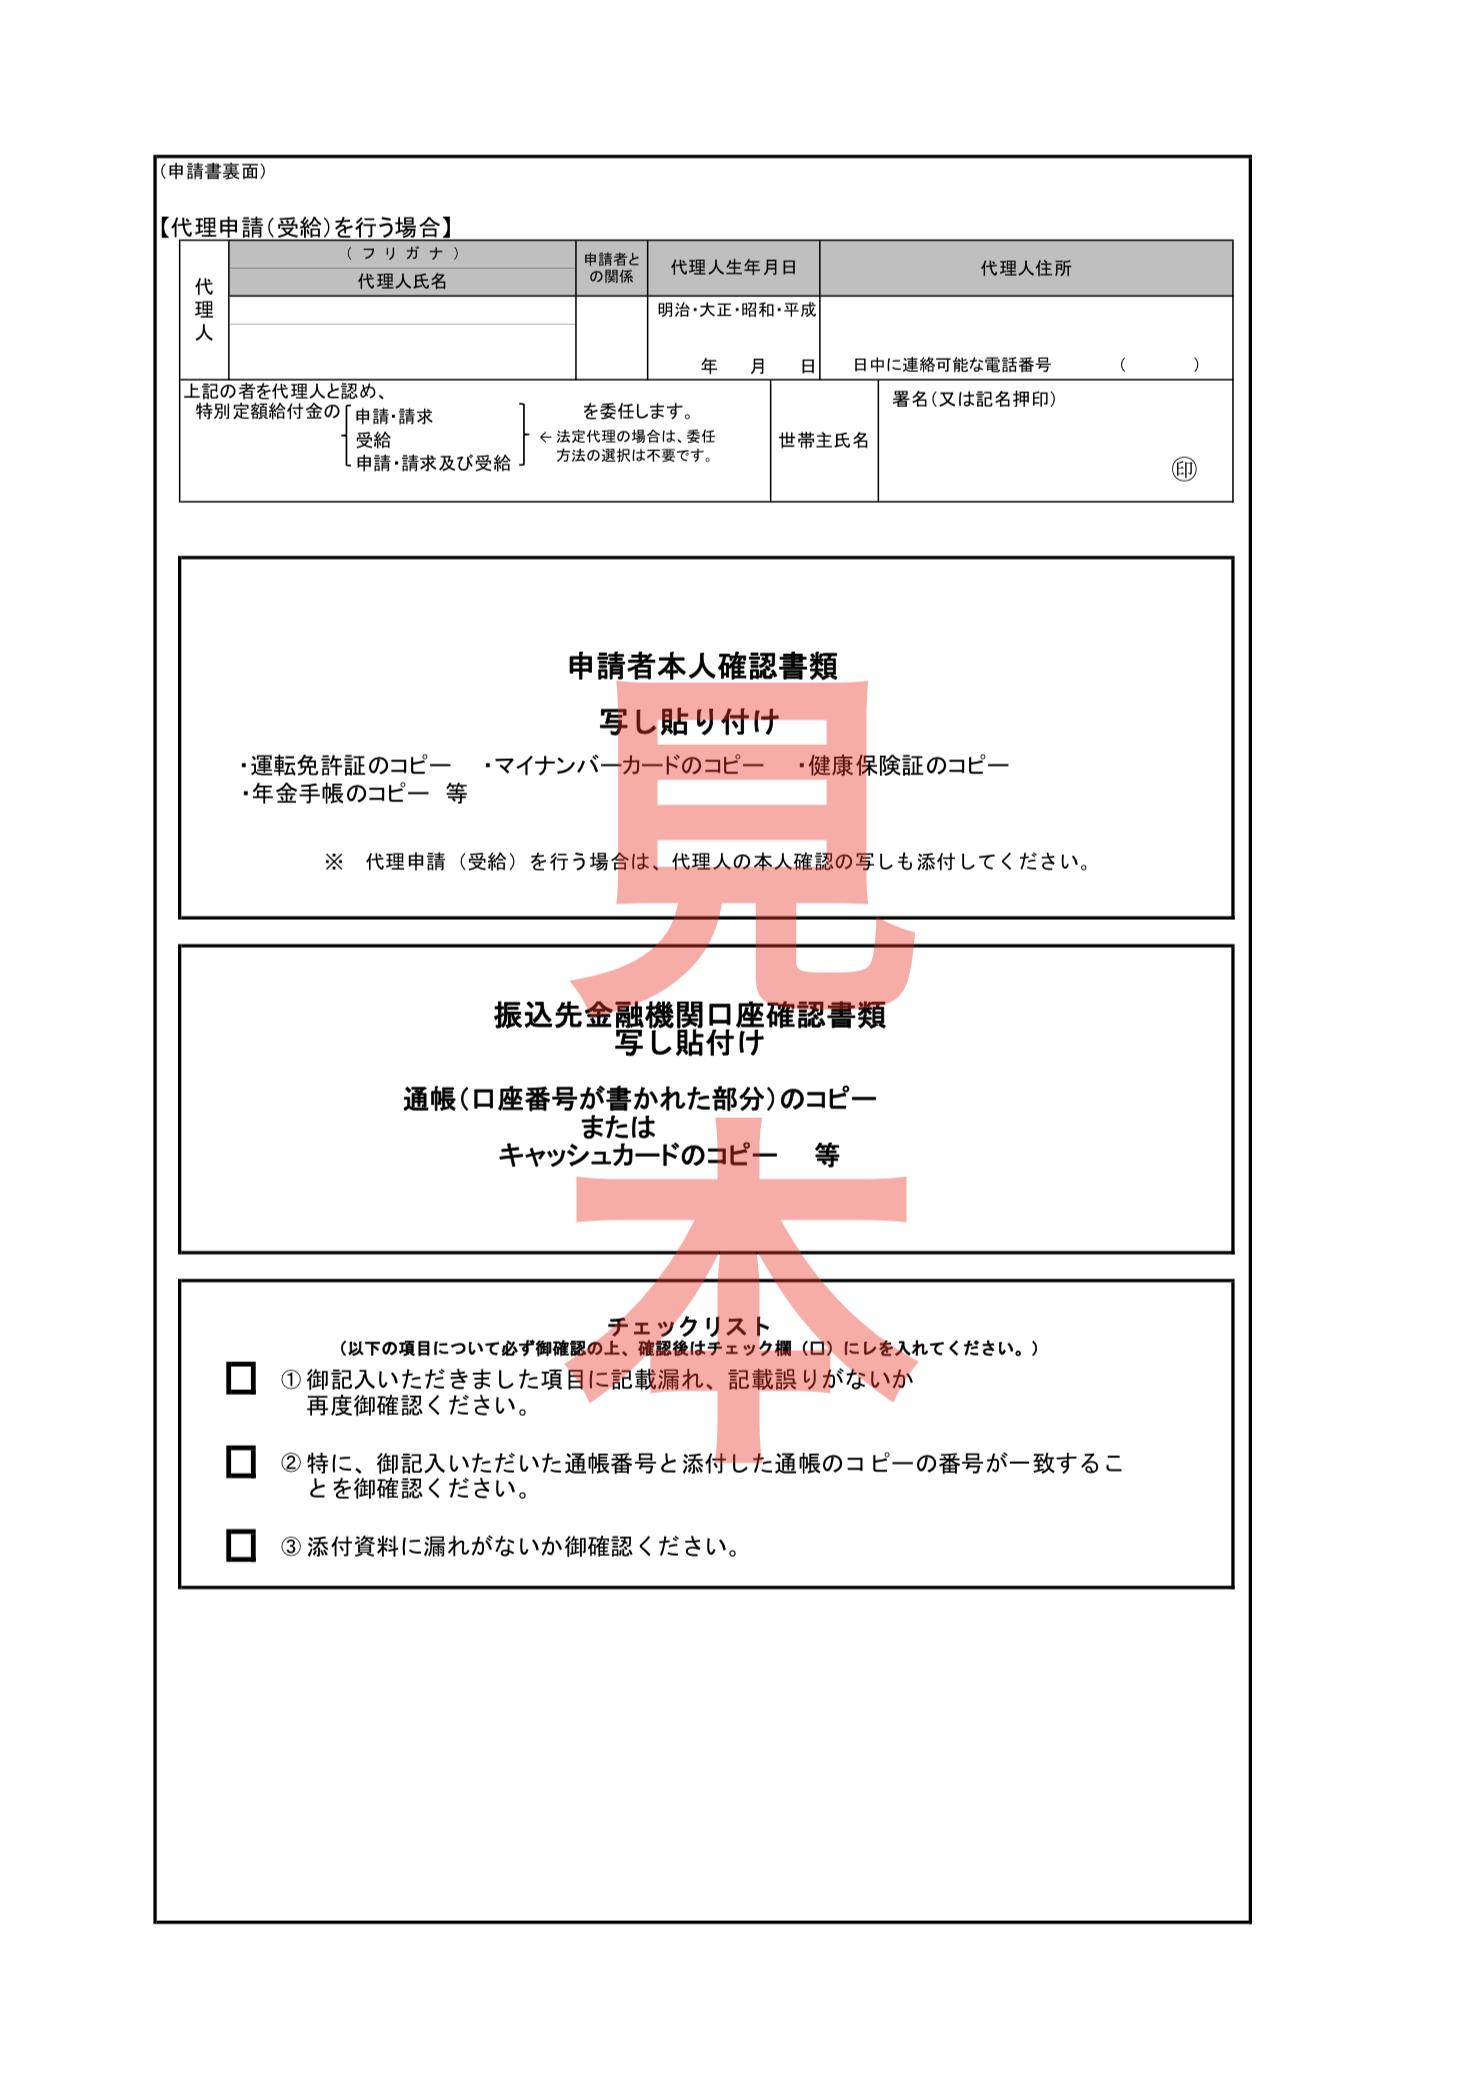 定額給付の申請書類の見本(総務省)